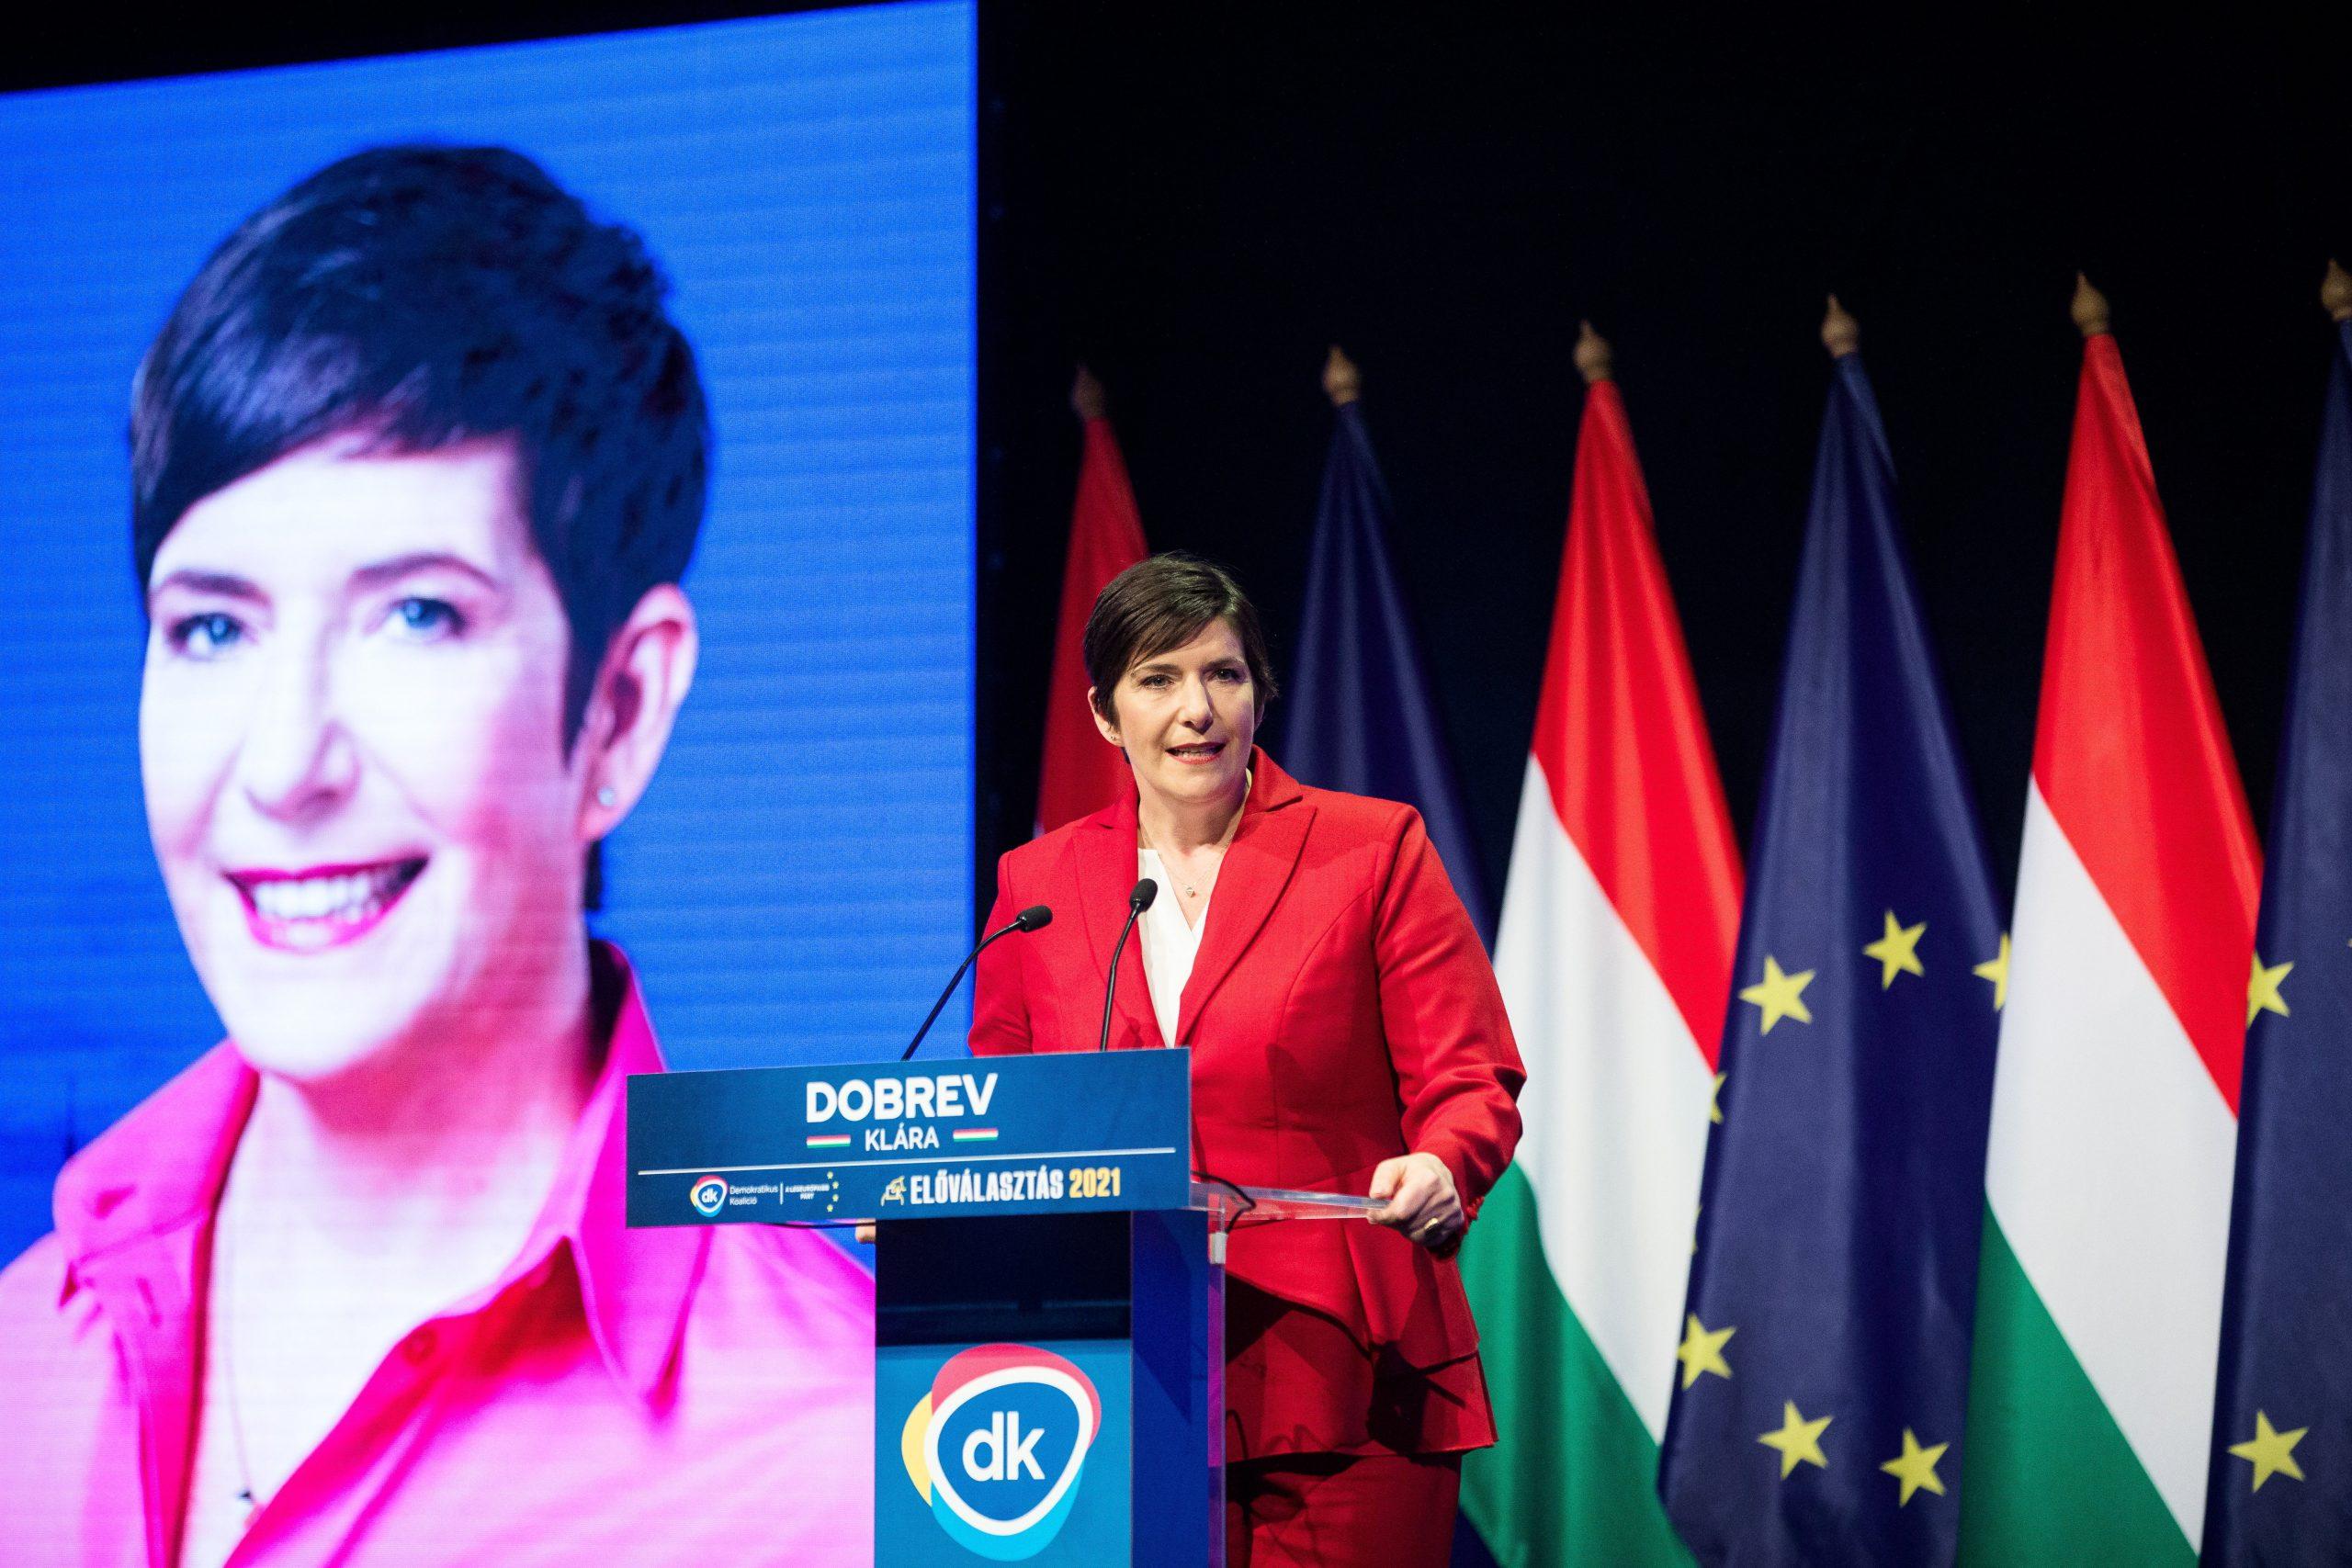 DKs Dobrev Wins First Round of Opposition Primaries